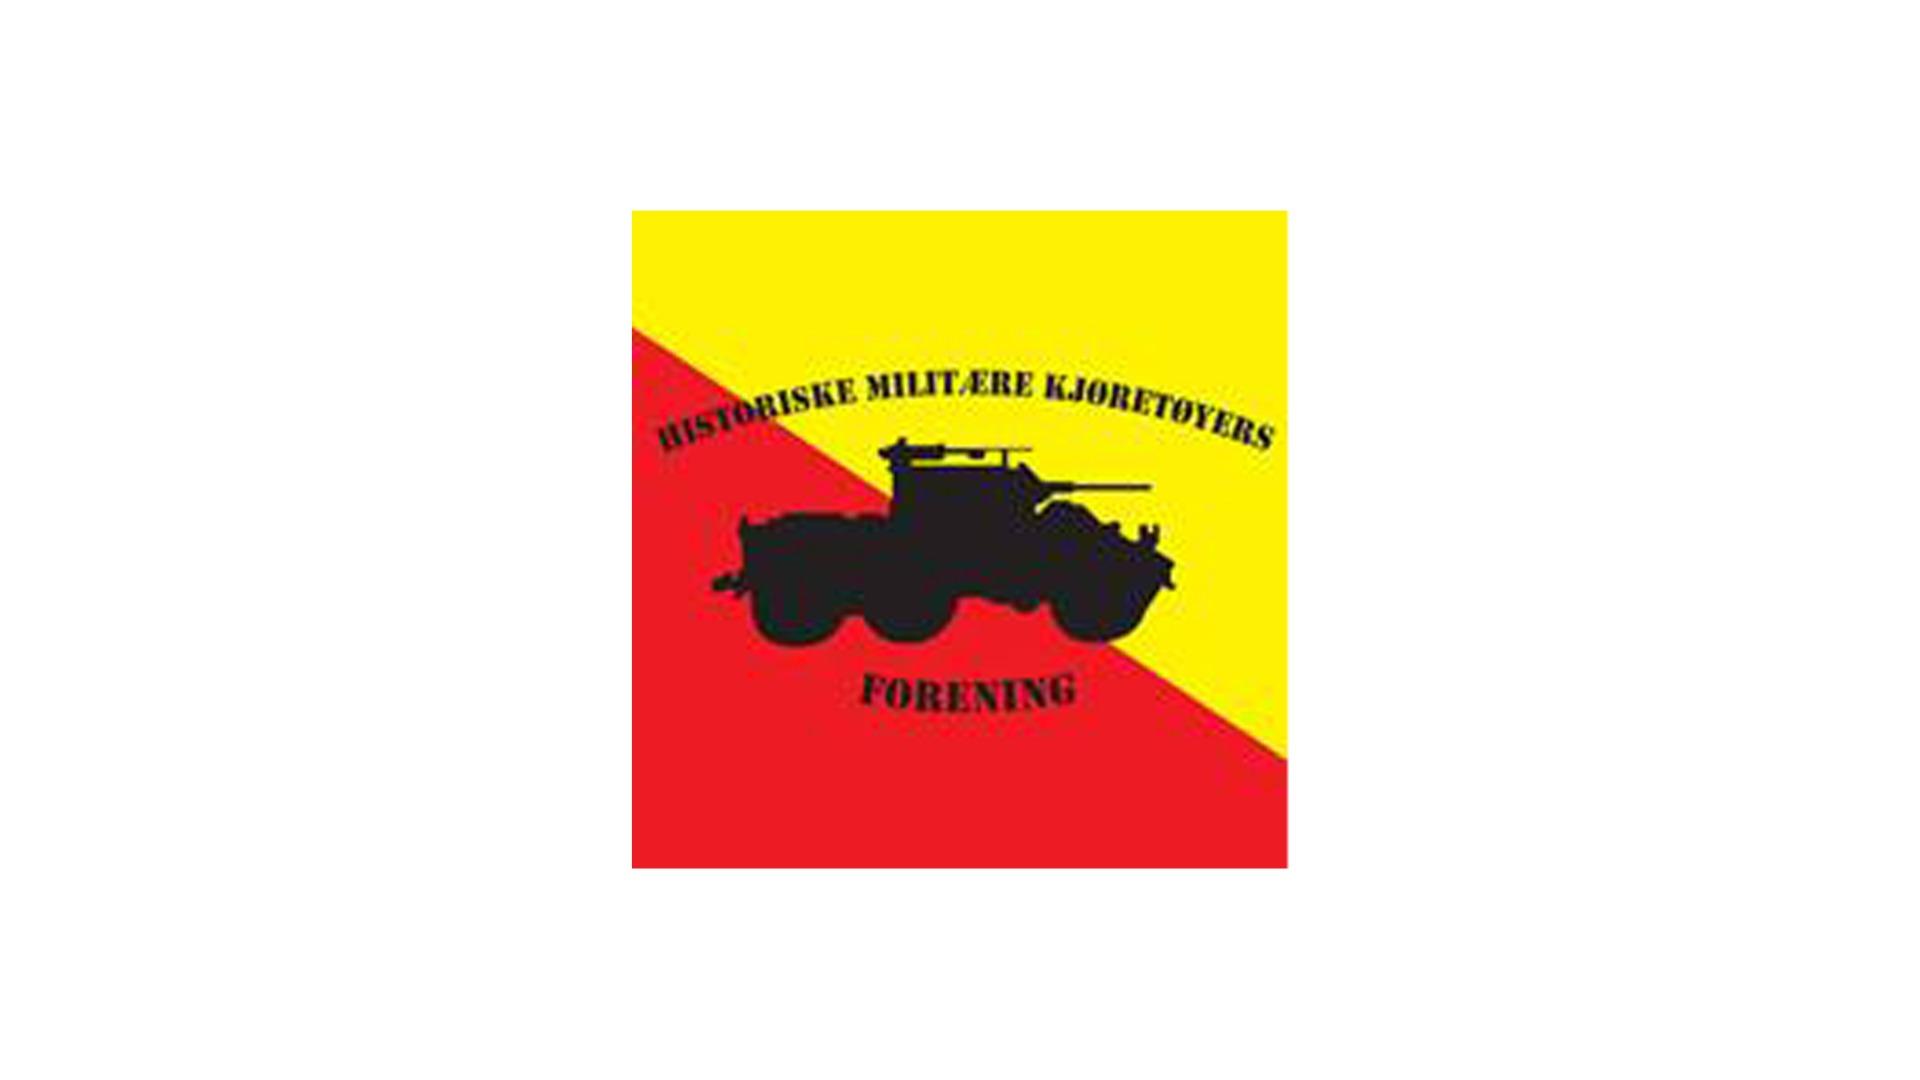 Historiske+militærkjøretøyers+forening-Fullskjerm.jpg